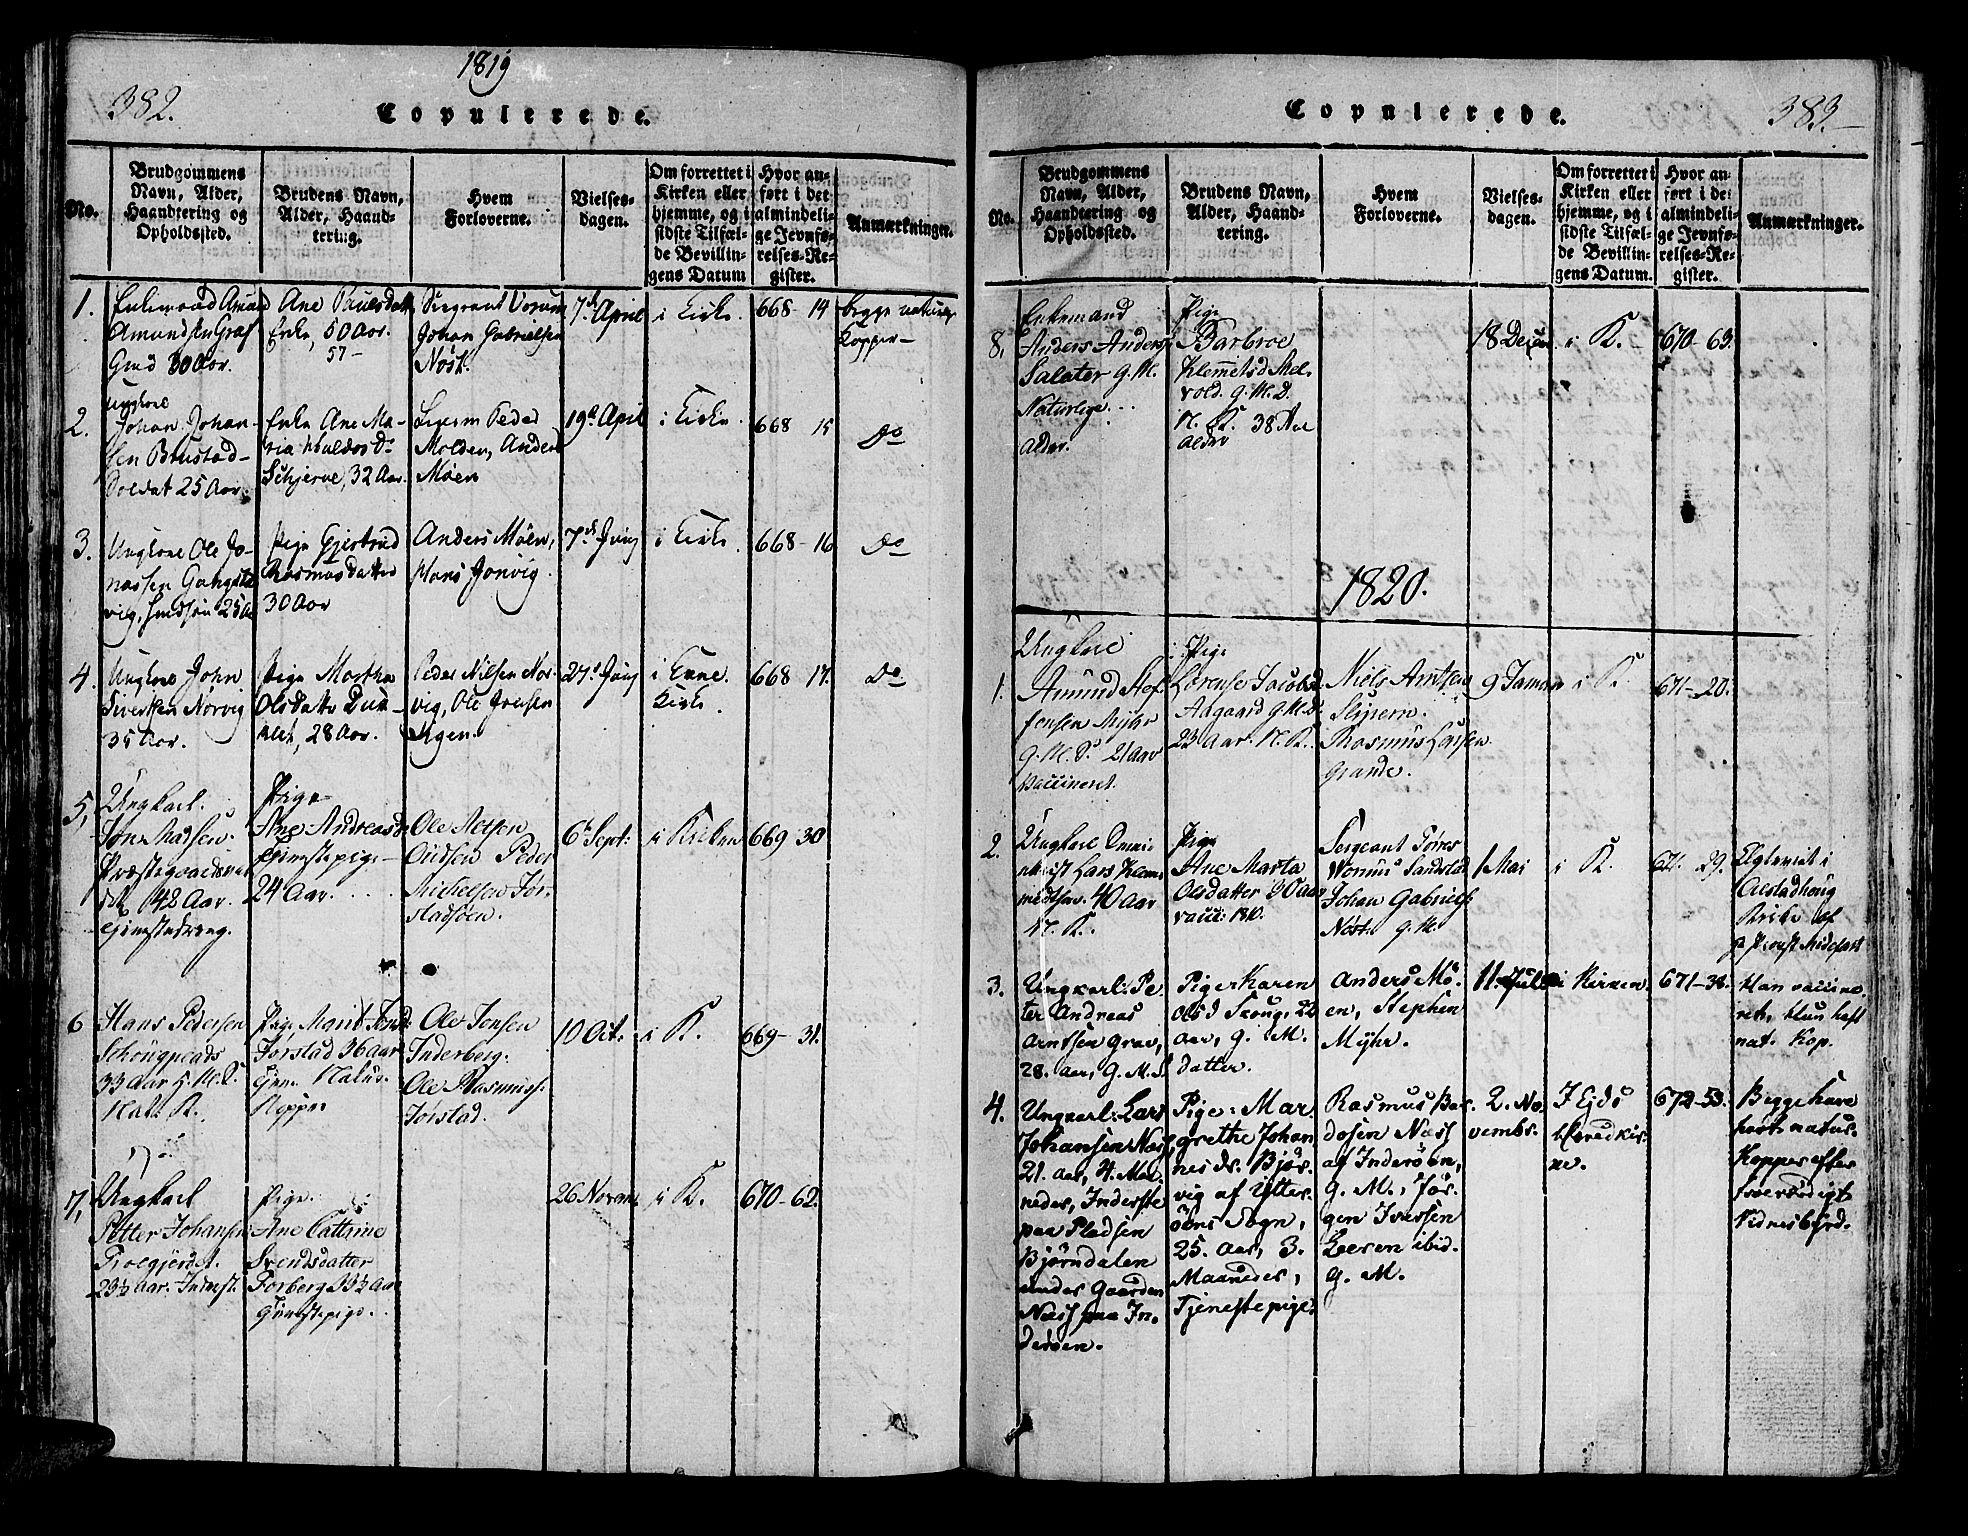 SAT, Ministerialprotokoller, klokkerbøker og fødselsregistre - Nord-Trøndelag, 722/L0217: Ministerialbok nr. 722A04, 1817-1842, s. 382-383